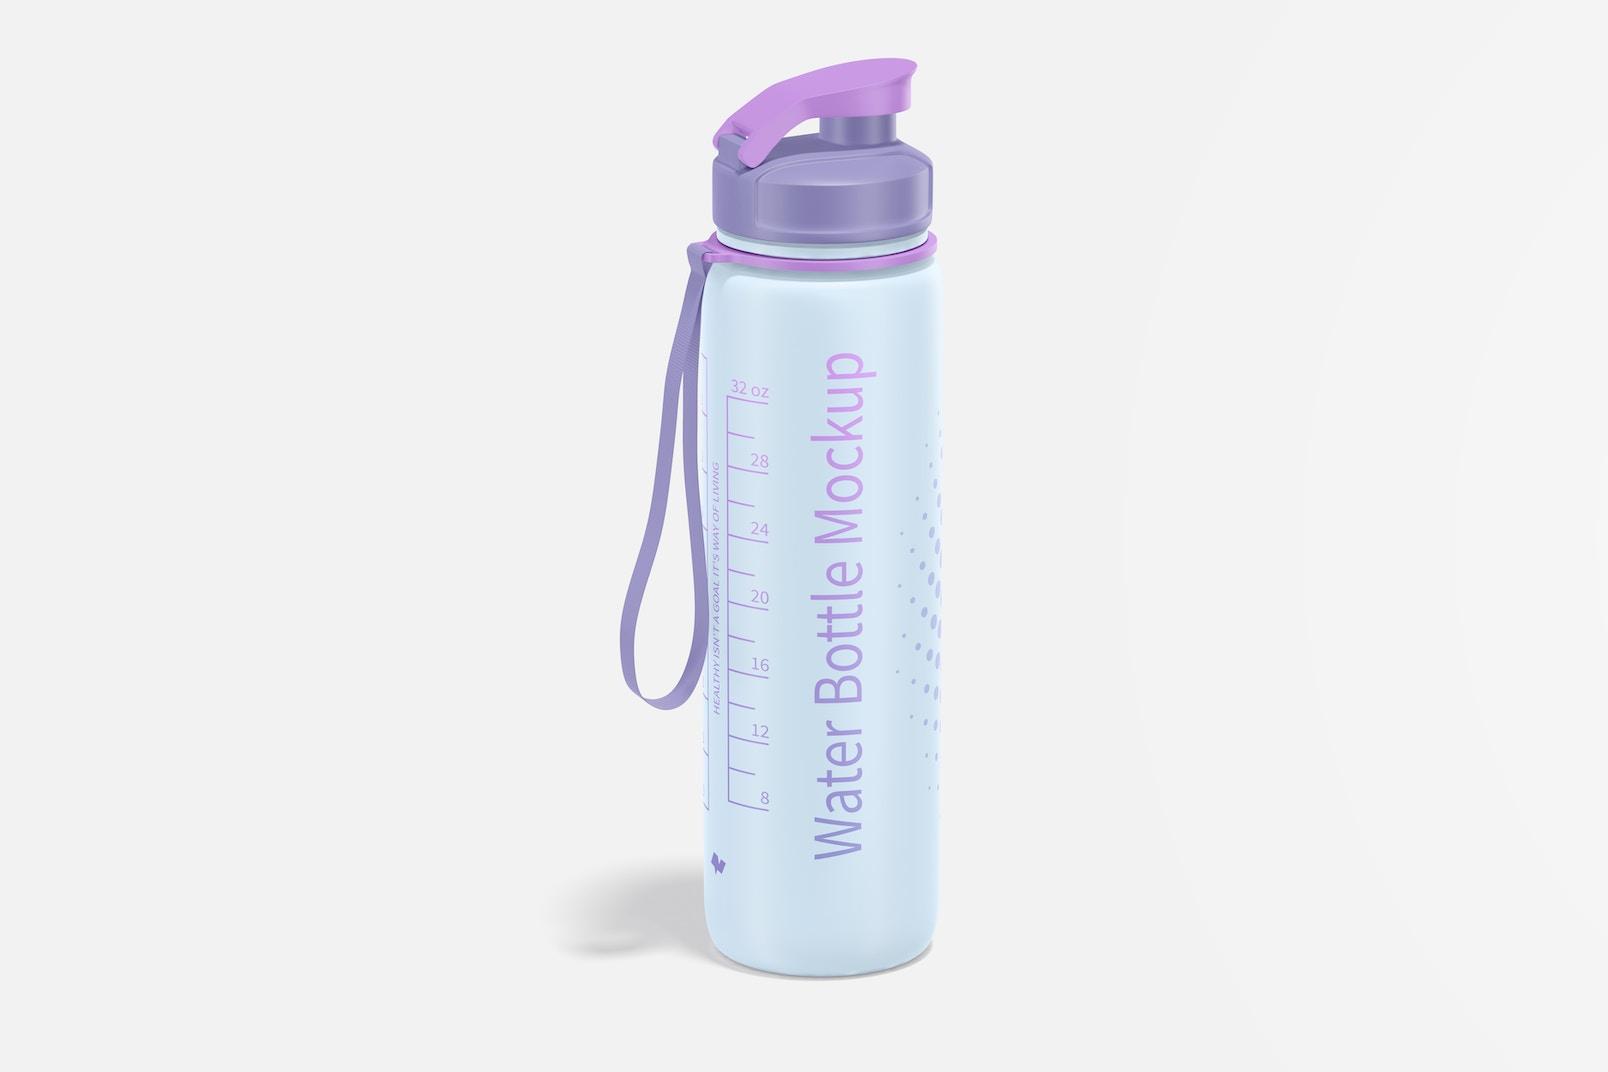 32 oz Water Bottle Mockup